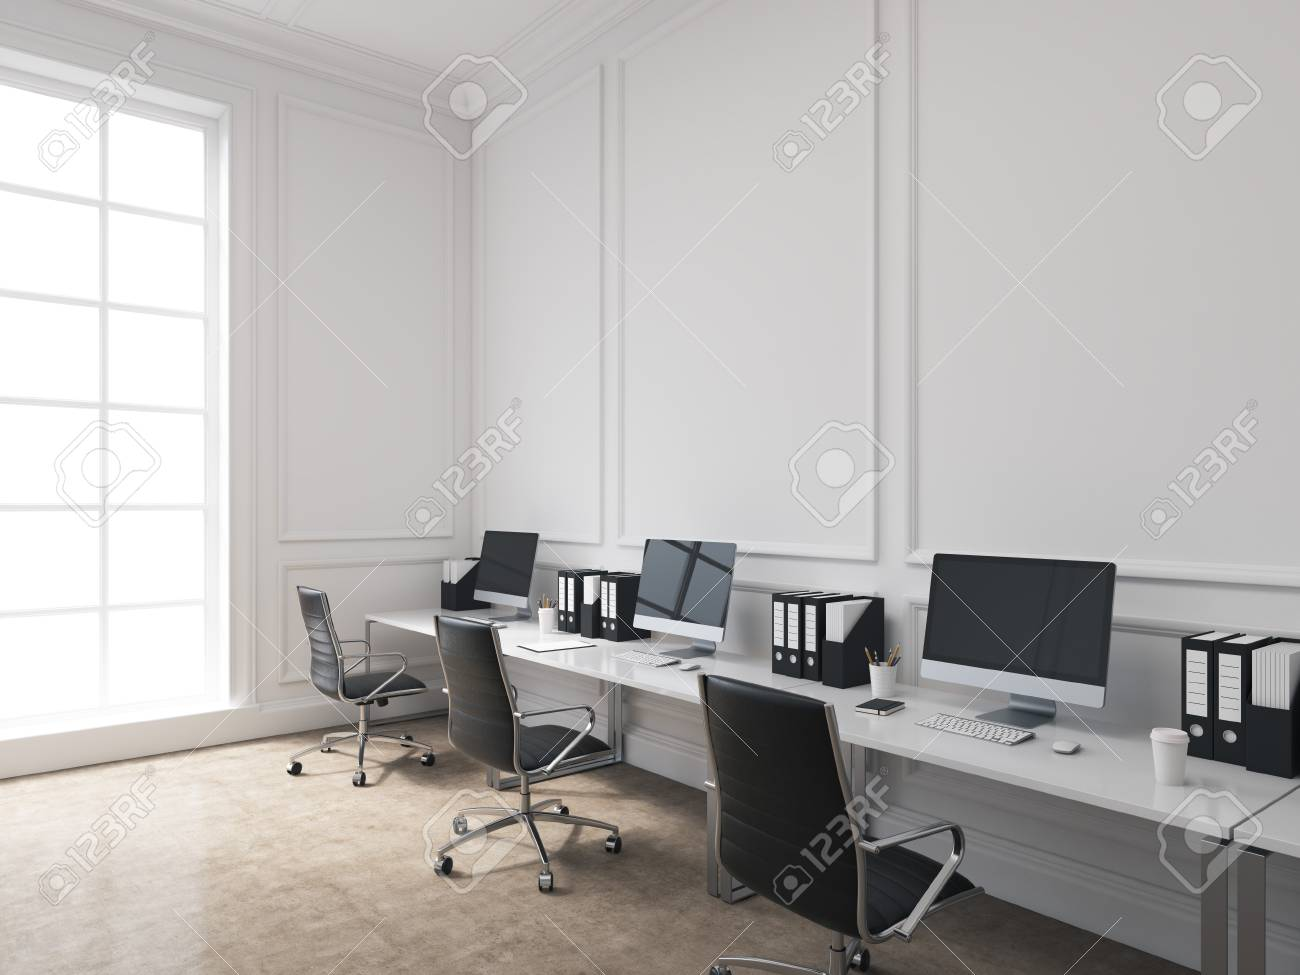 Ein Offener Raum Buro Tische Mit Computern An Der Wand Entlang